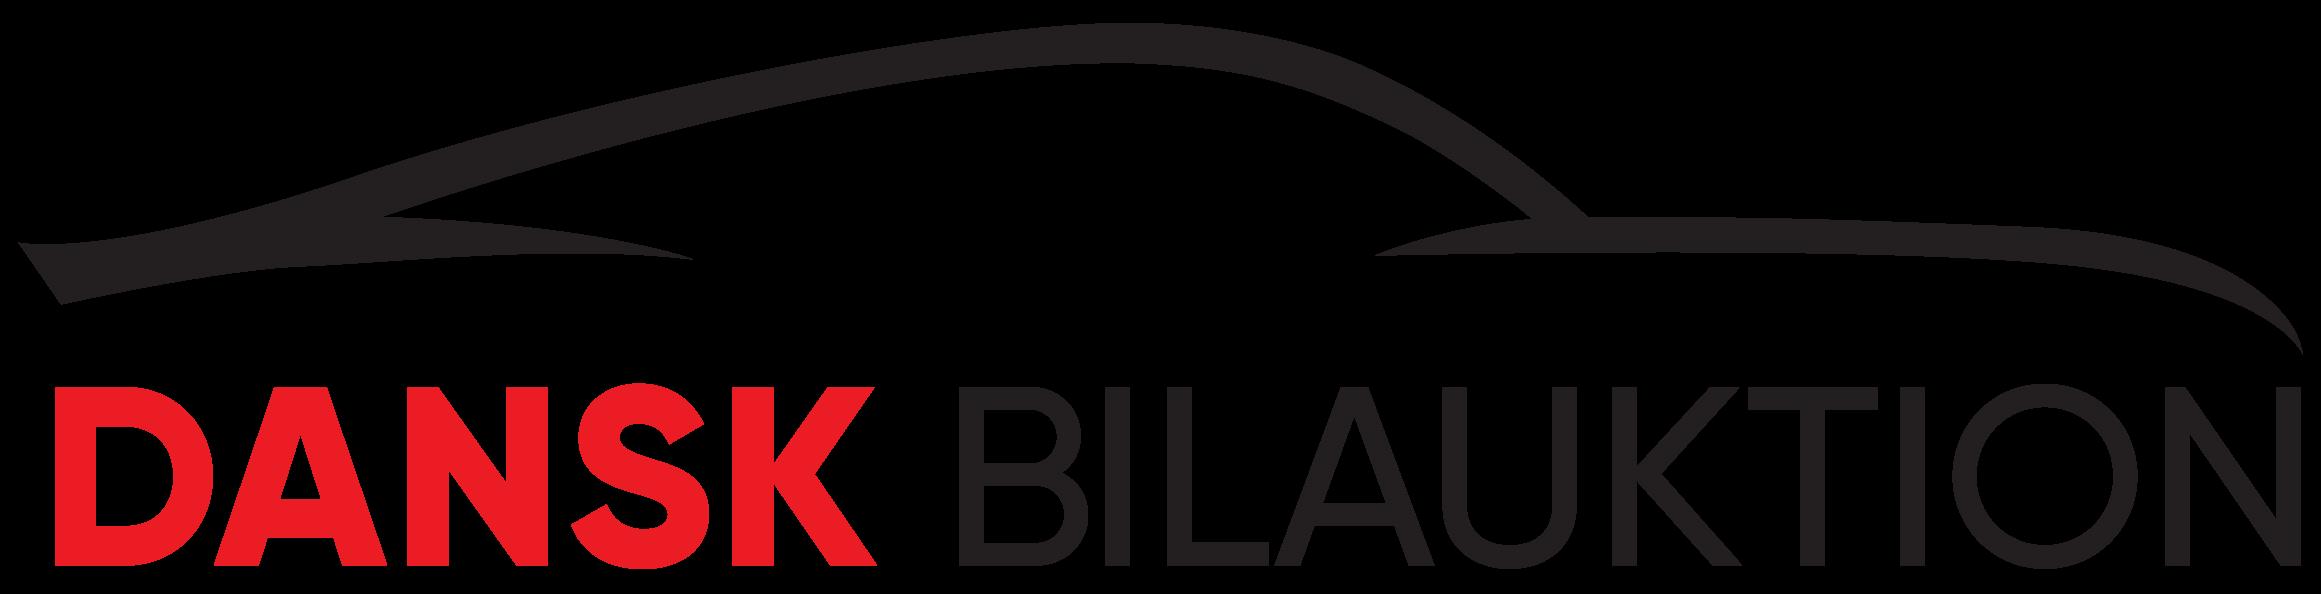 Dansk Bilauktion